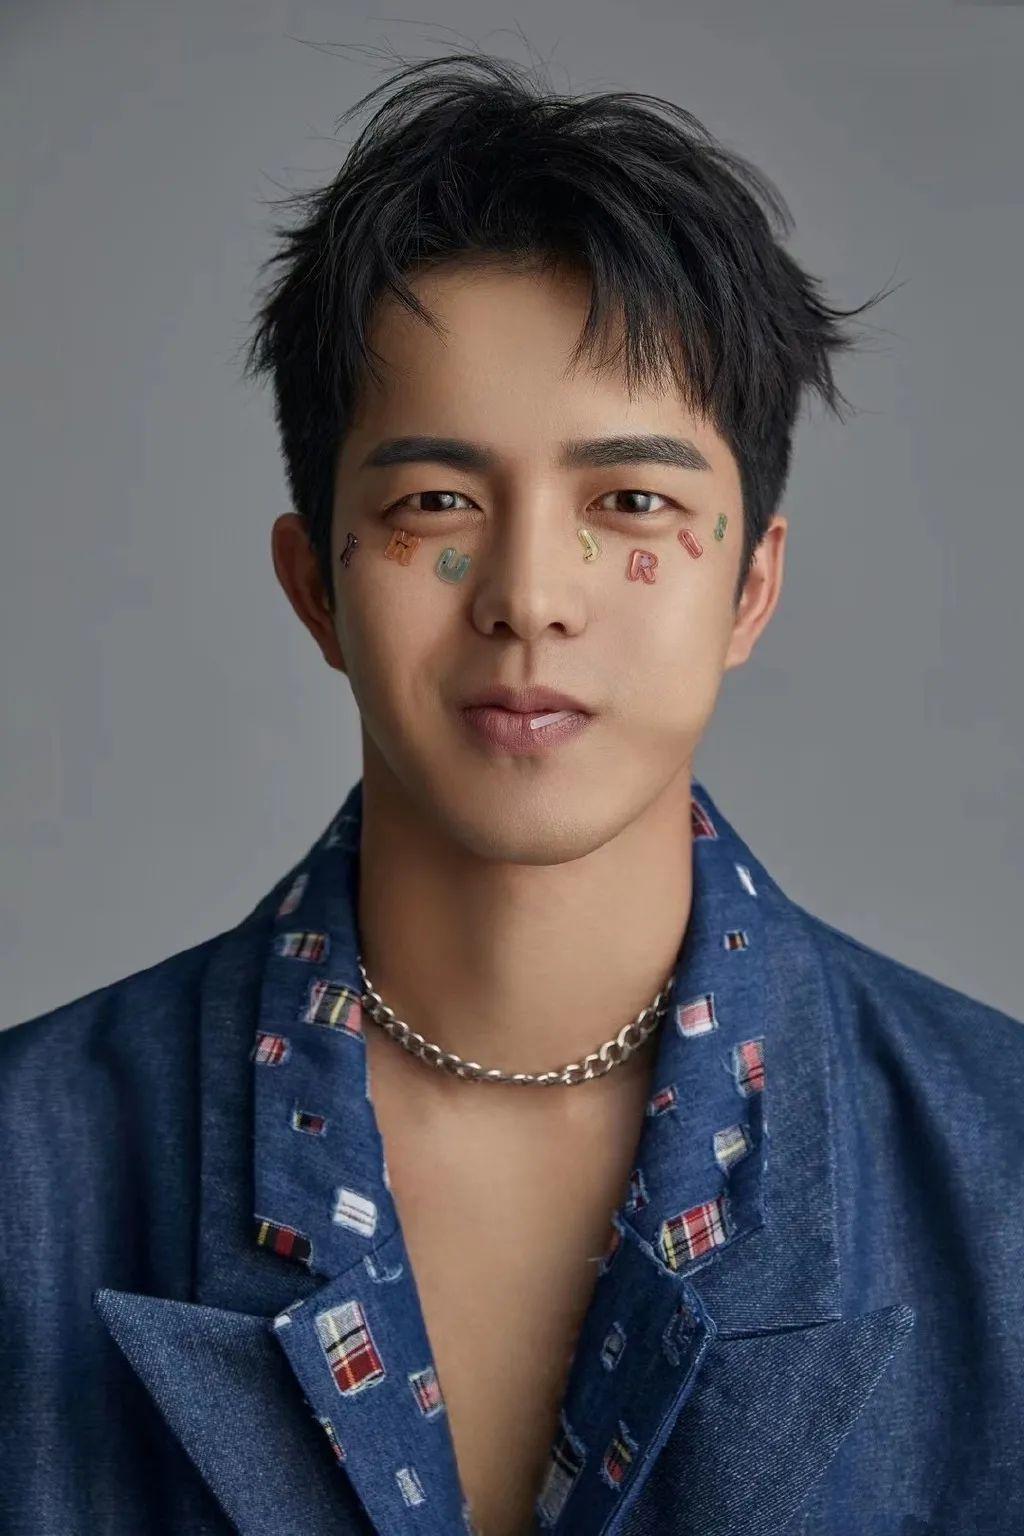 刘昊然+李现+井柏然的结合体!360度无死角帅哥